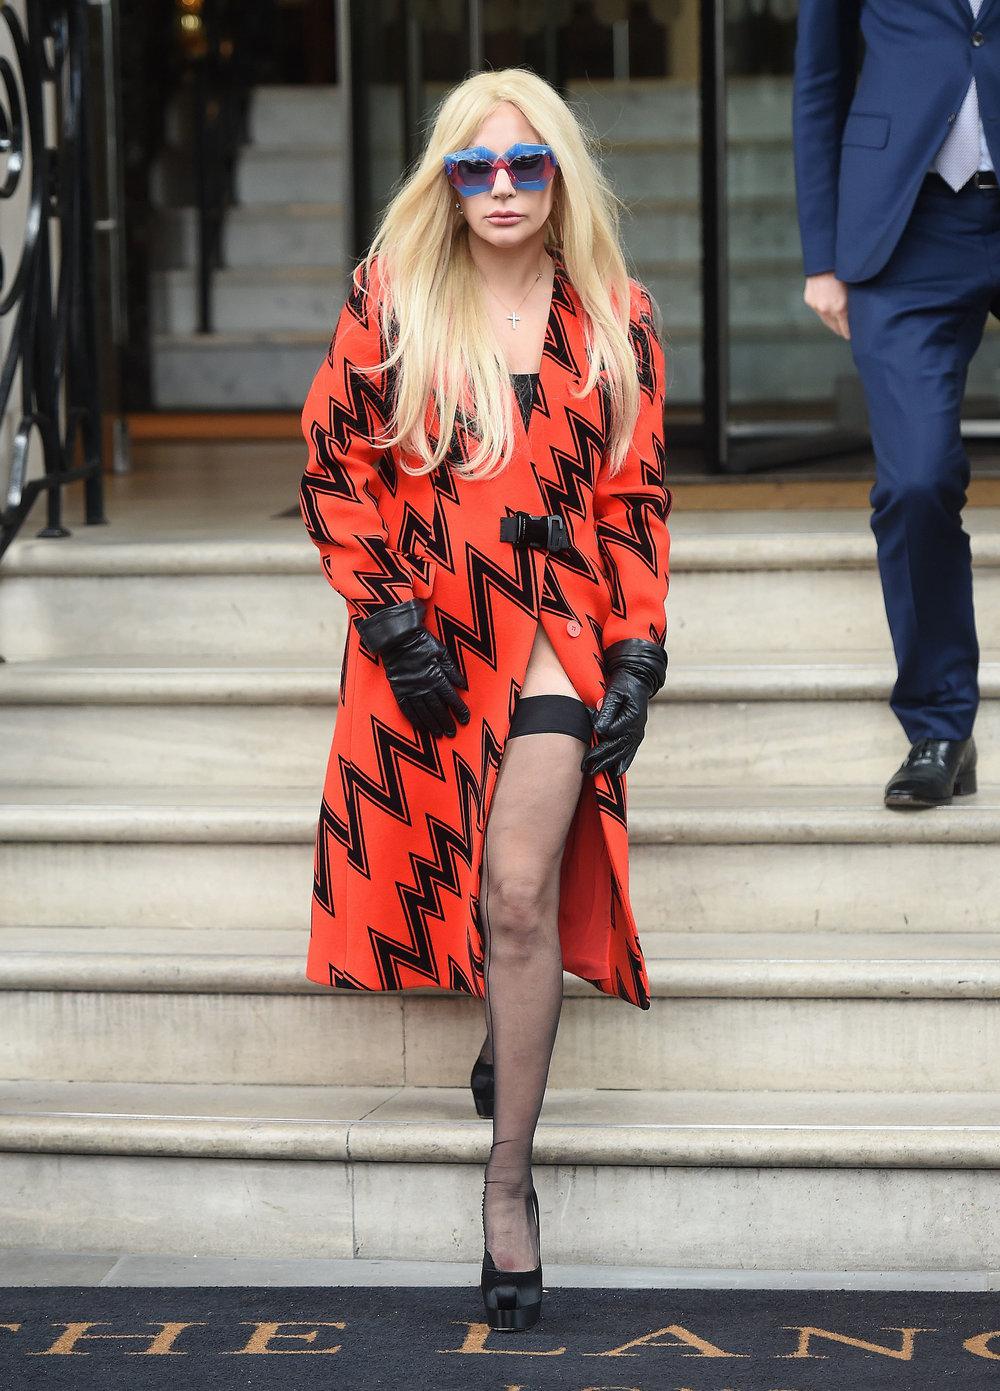 FFN_Lady_Gaga_FFUK_112515_51917487.jpg